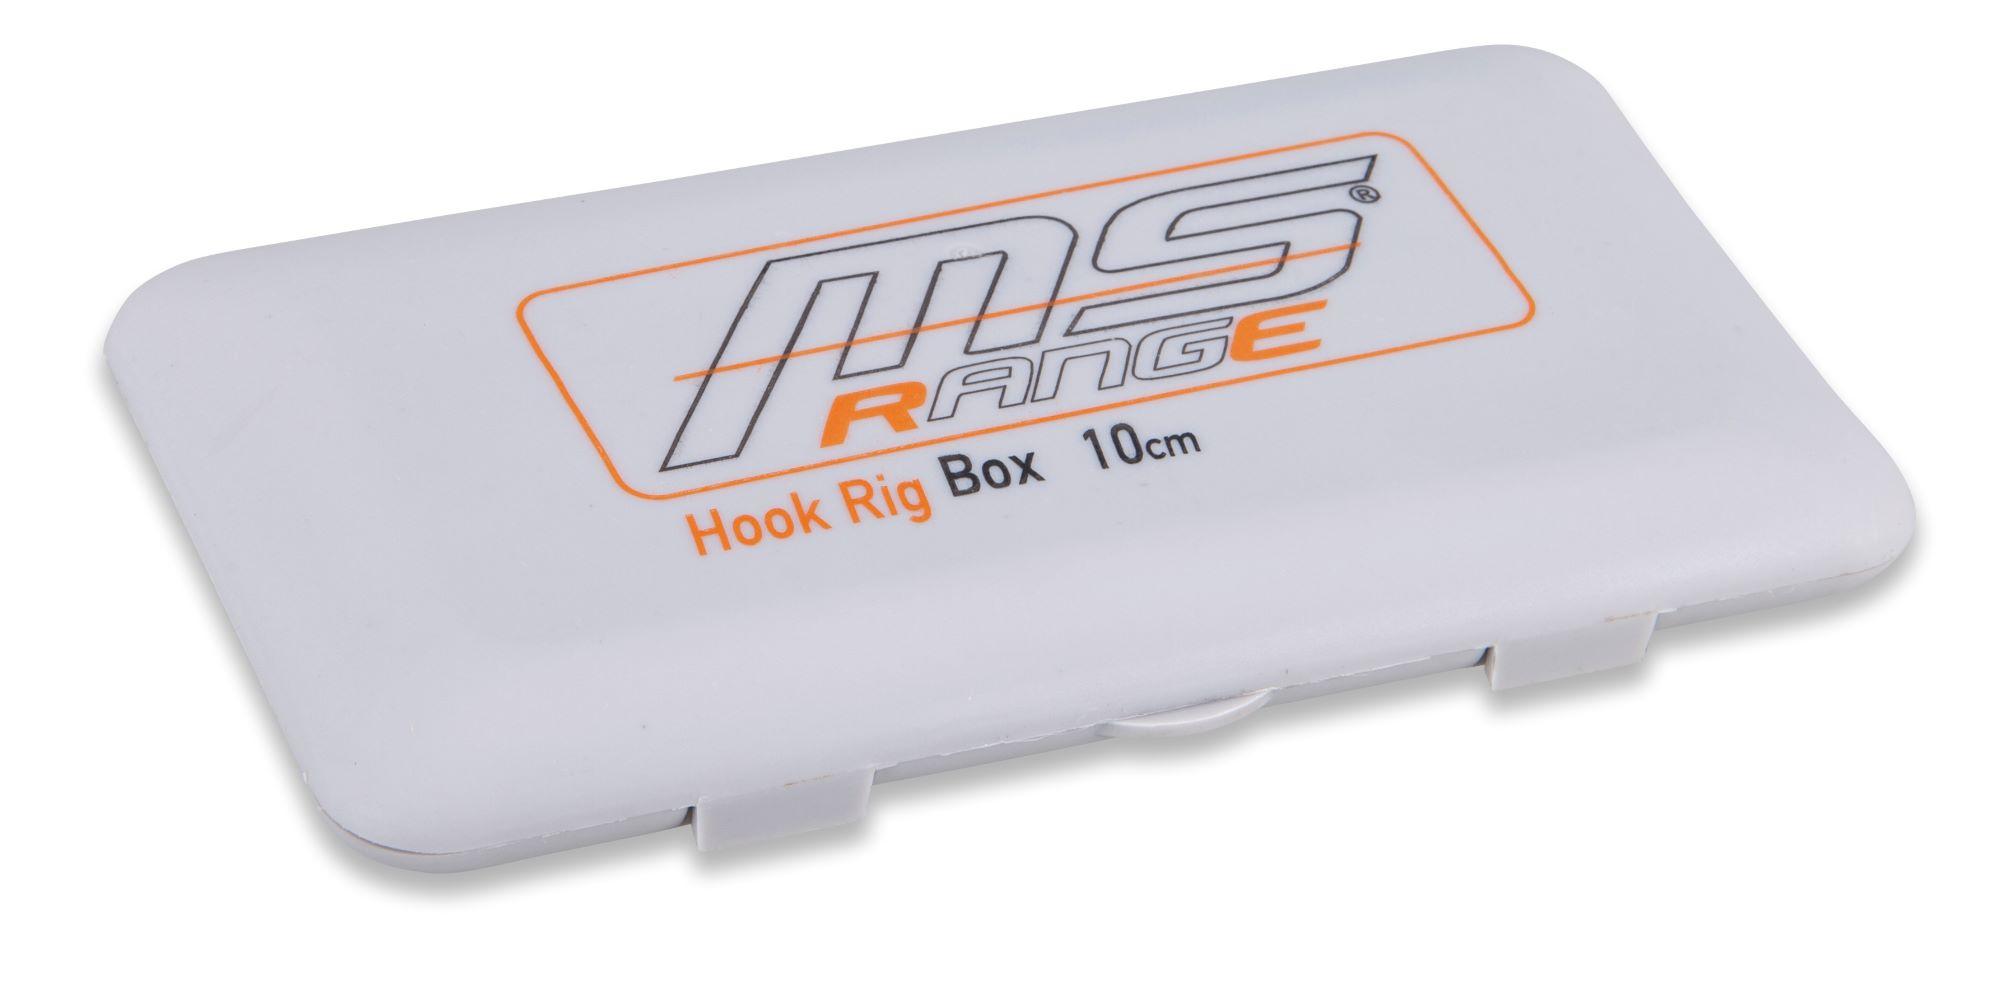 MS Range pouzdro na návazce Hook rig box, malé